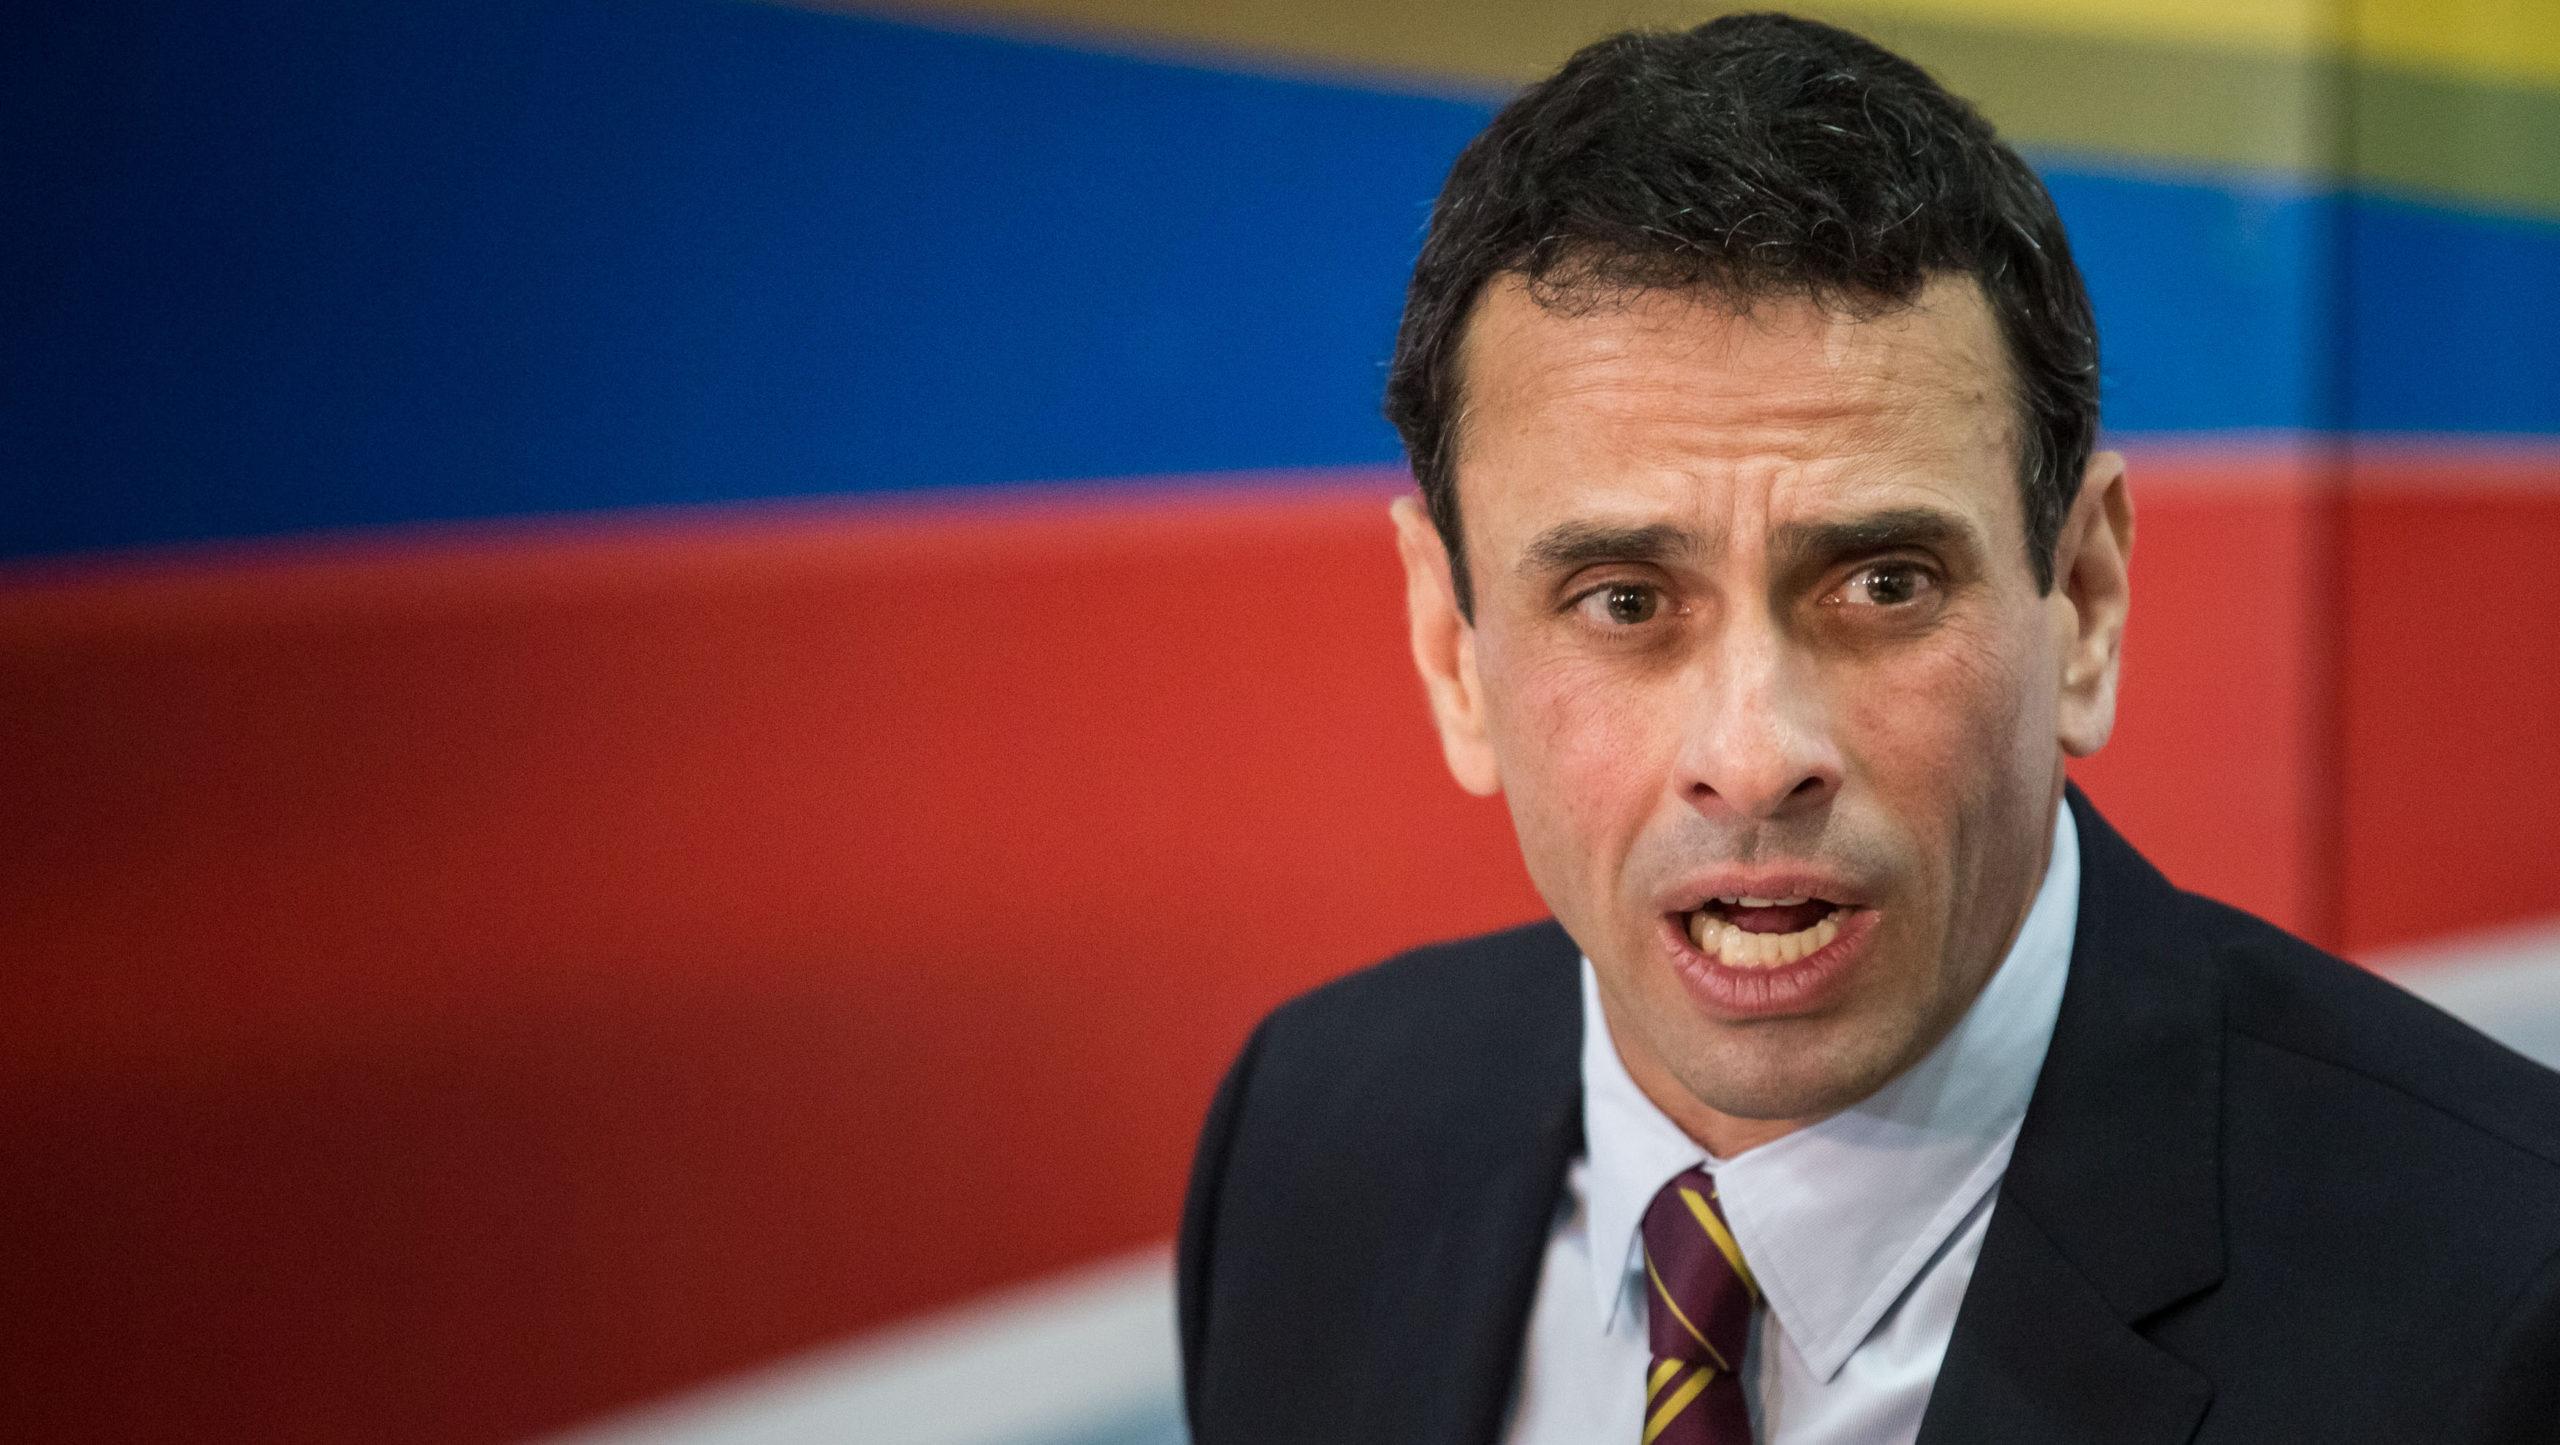 Capriles: Debemos luchar para lograr condiciones que permitan expresarnos libremente